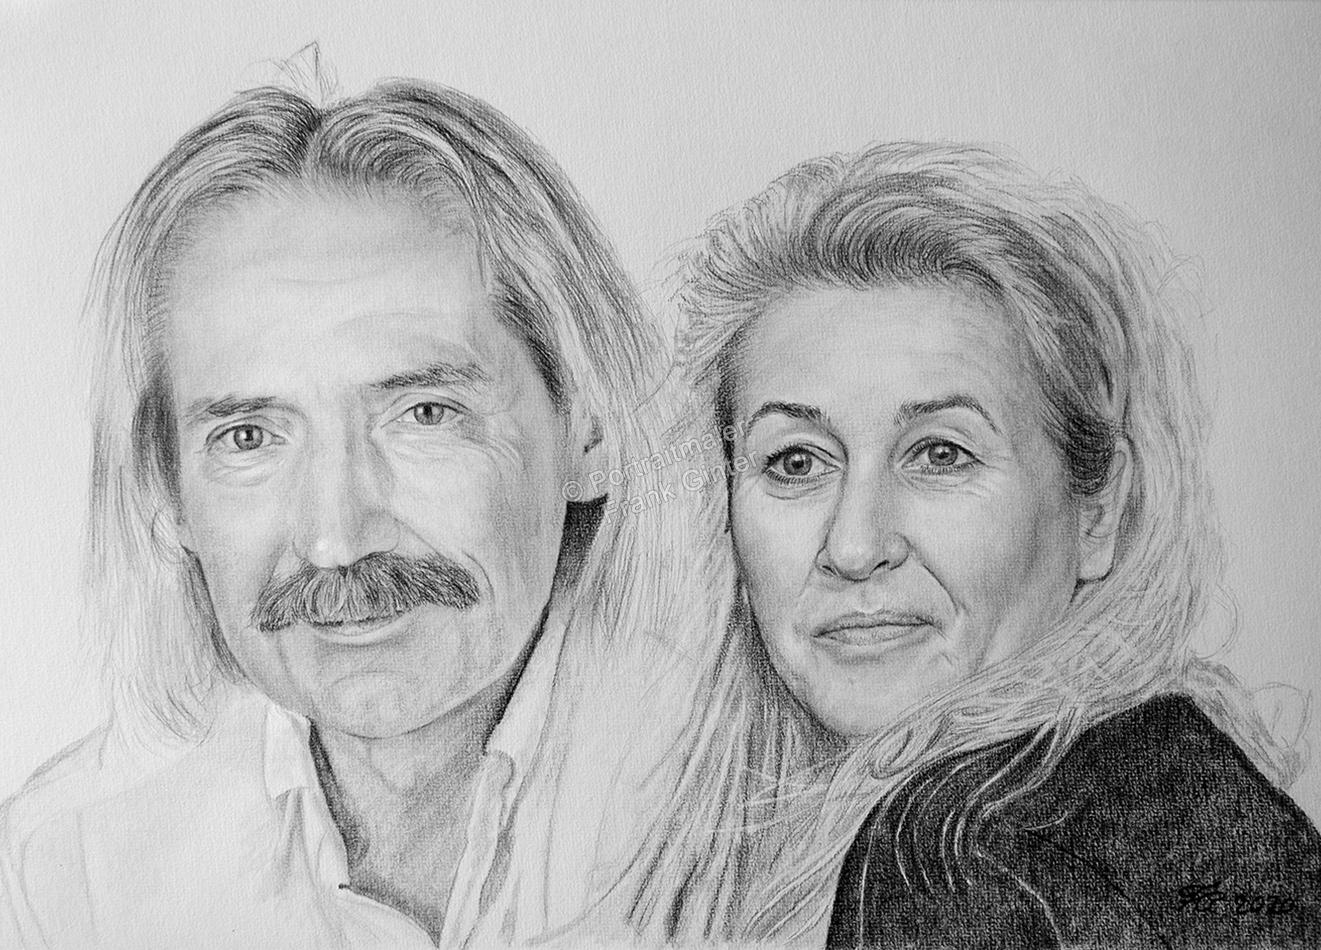 Bleistiftzeichnungen, Portraitzeichnung, Portrait zeichnen lassen, Mann und Frau zeichnen